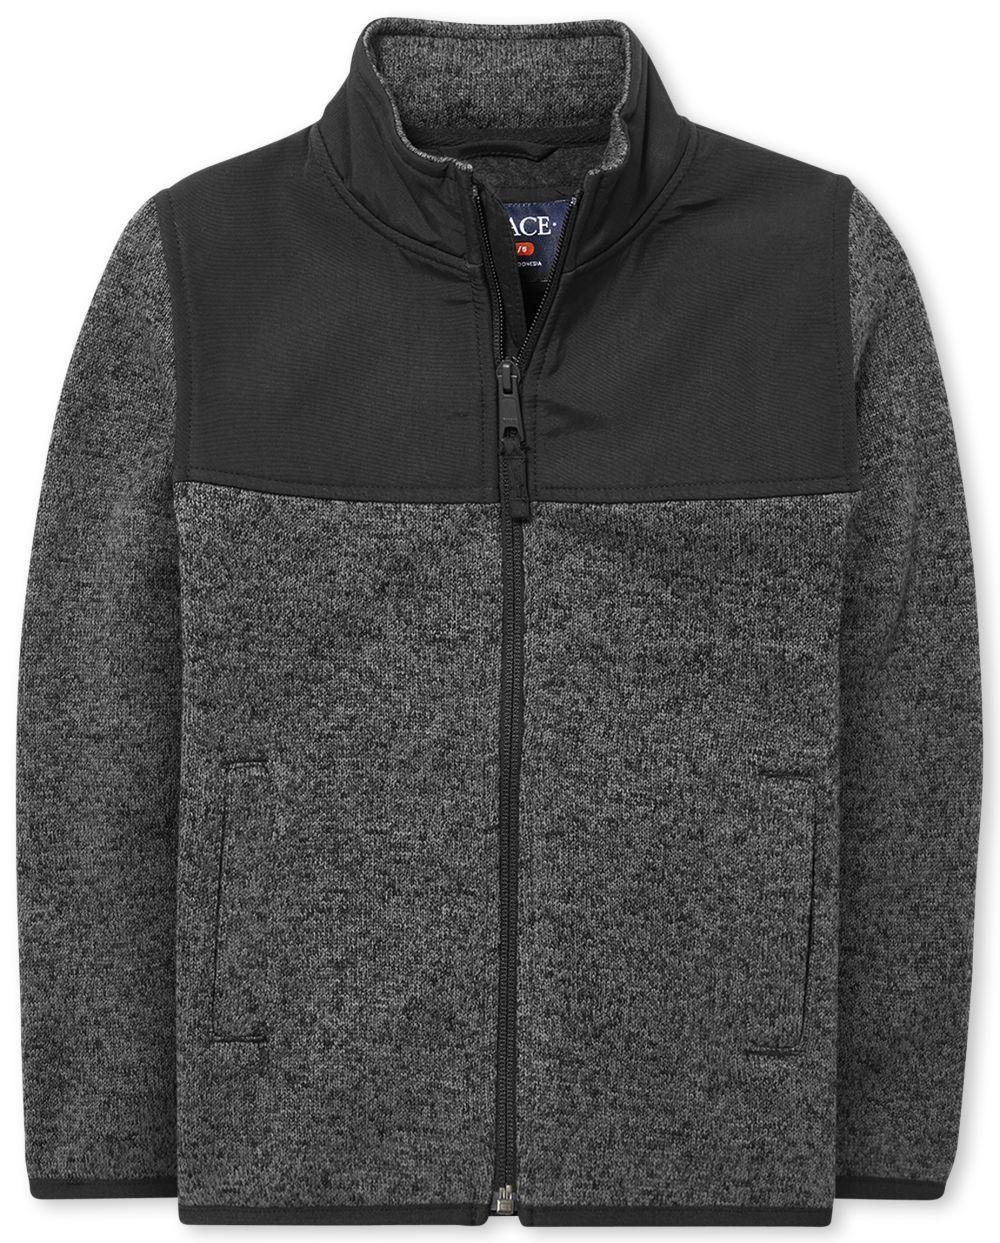 Boys Uniform Sweater Fleece Trail Jacket